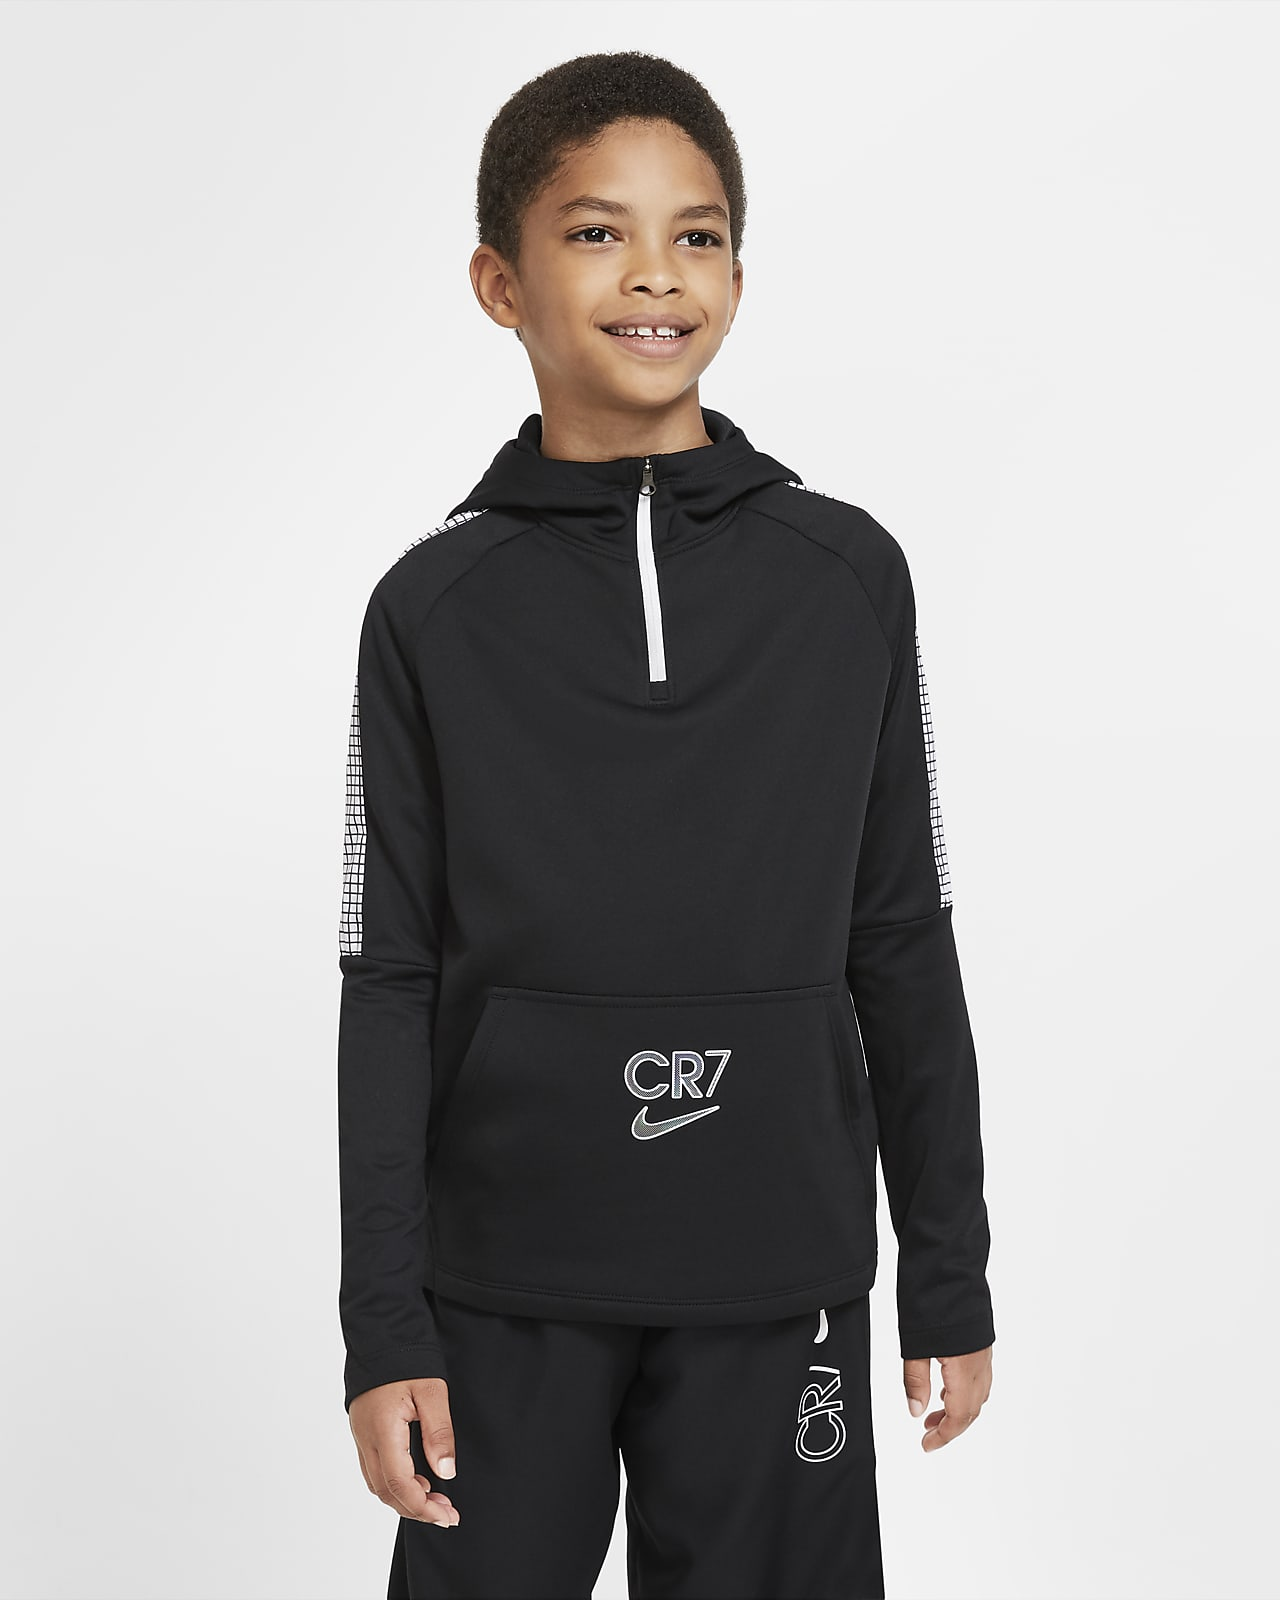 Nike Dri-FIT CR7 Older Kids' 1/4-Zip Football Hoodie